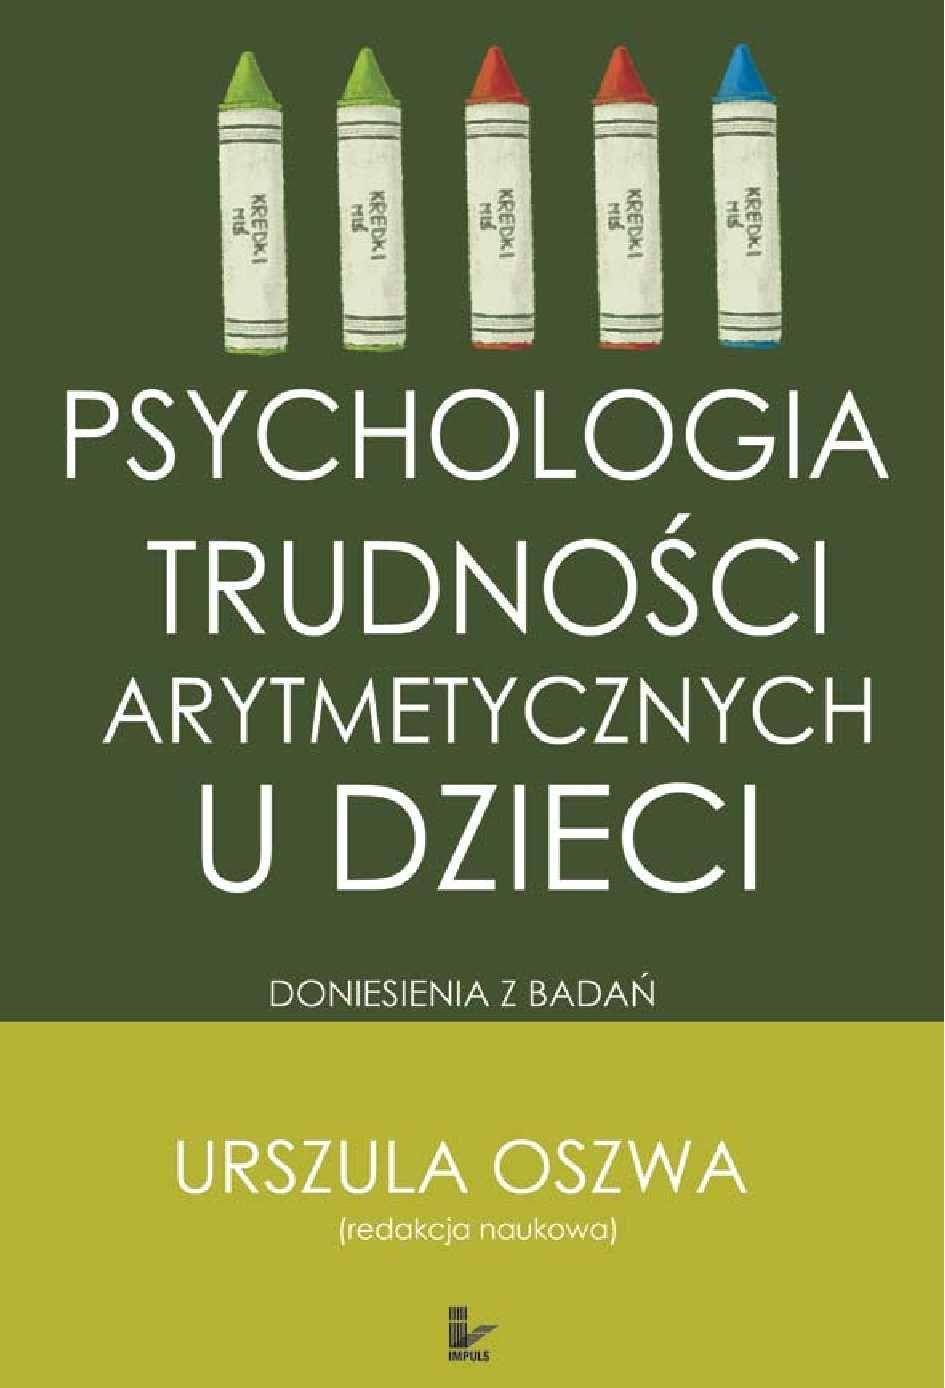 Psychologia trudności arytmetycznych u dzieci - Ebook (Książka EPUB) do pobrania w formacie EPUB